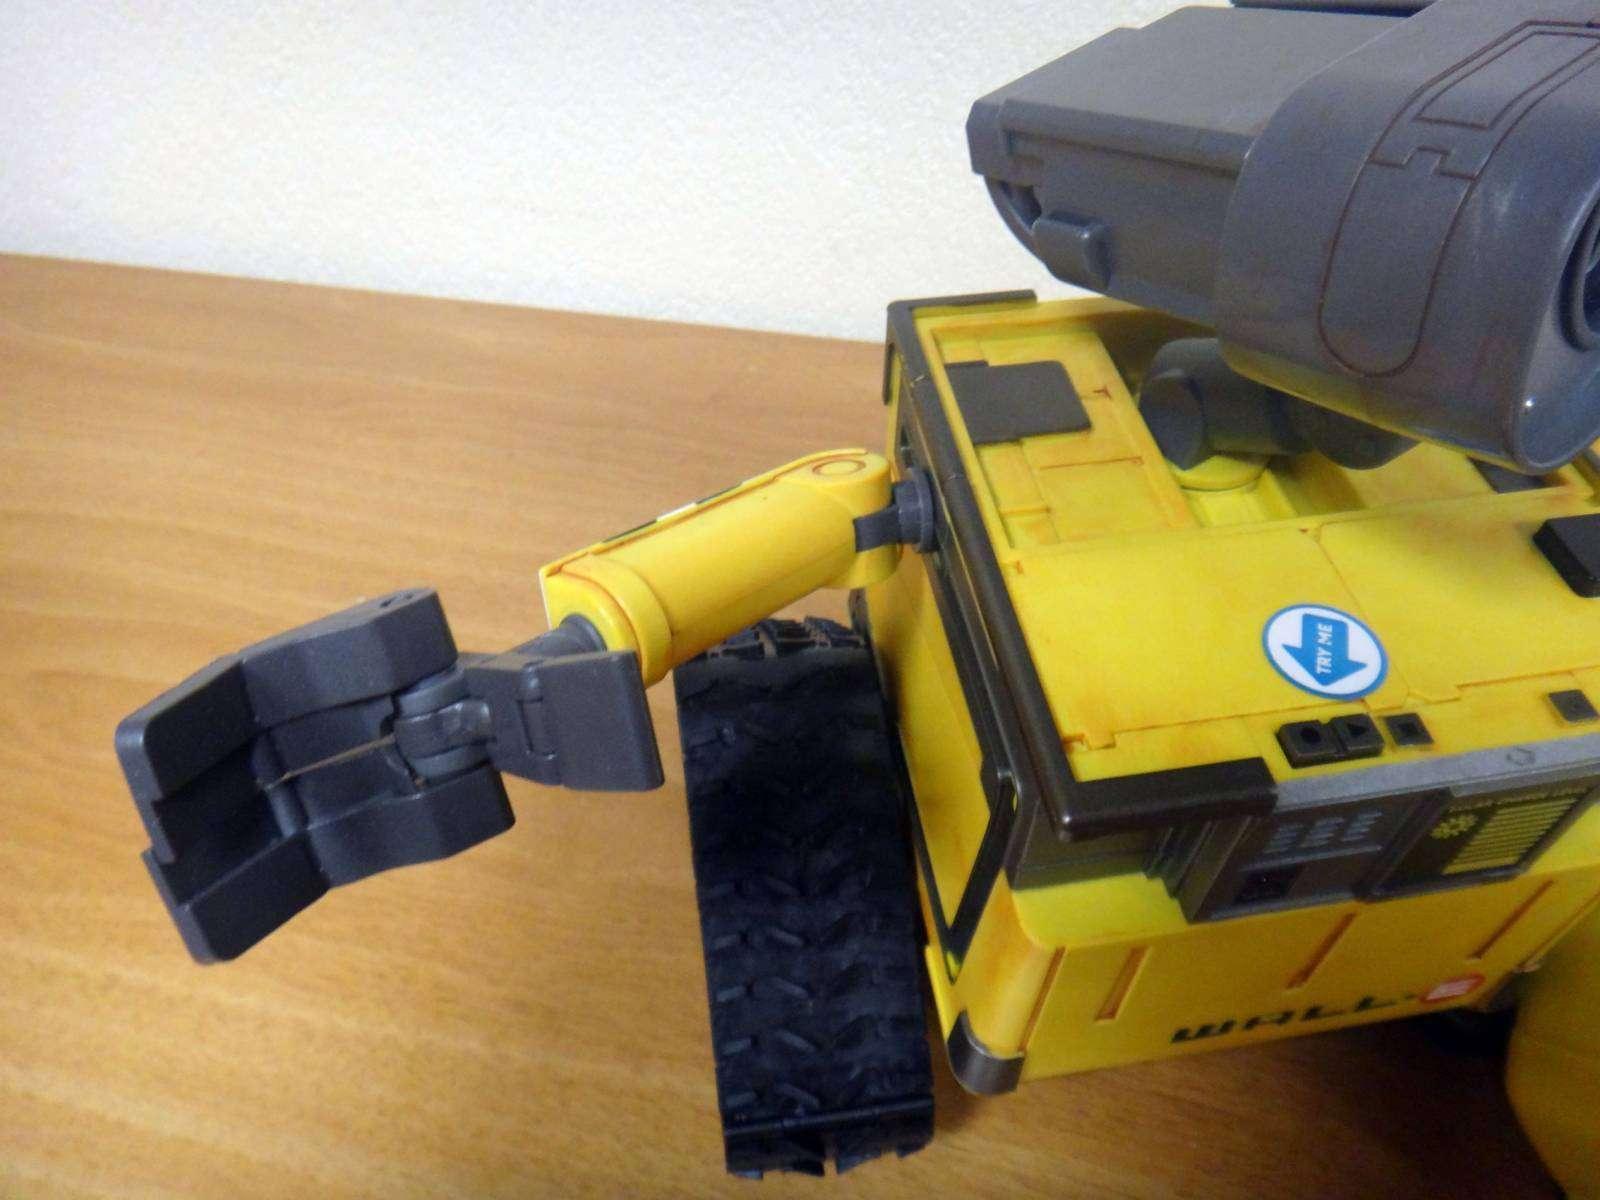 GearBest: Робот-уборщик Валли который умеет танцевать и ждет свою Еву